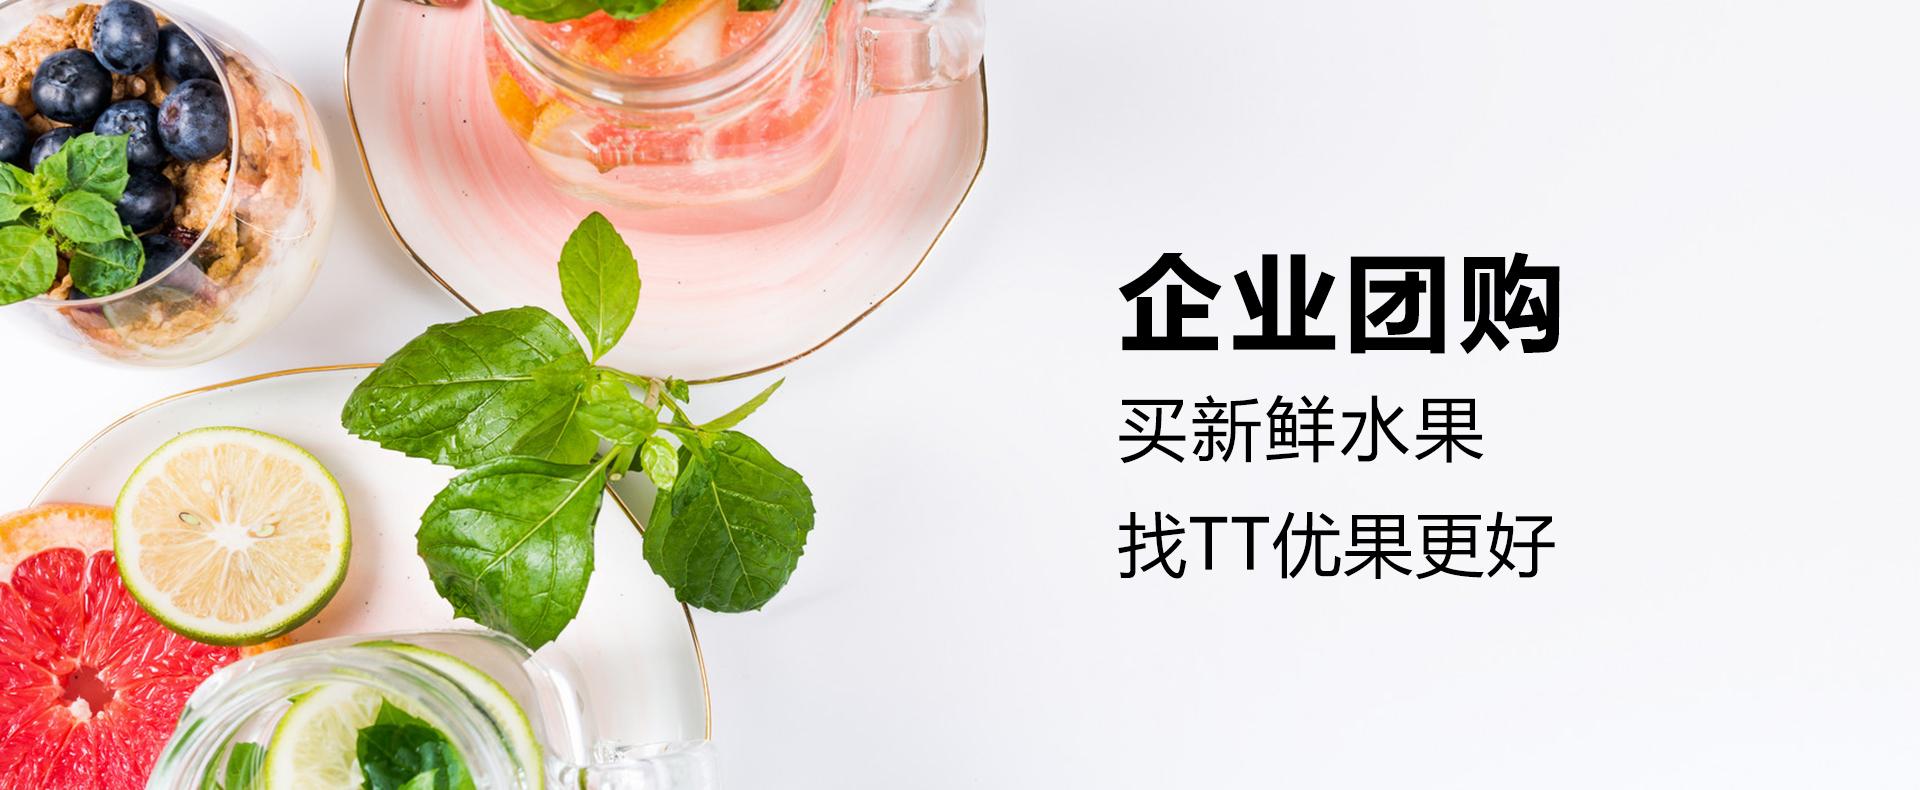 企业团购banner